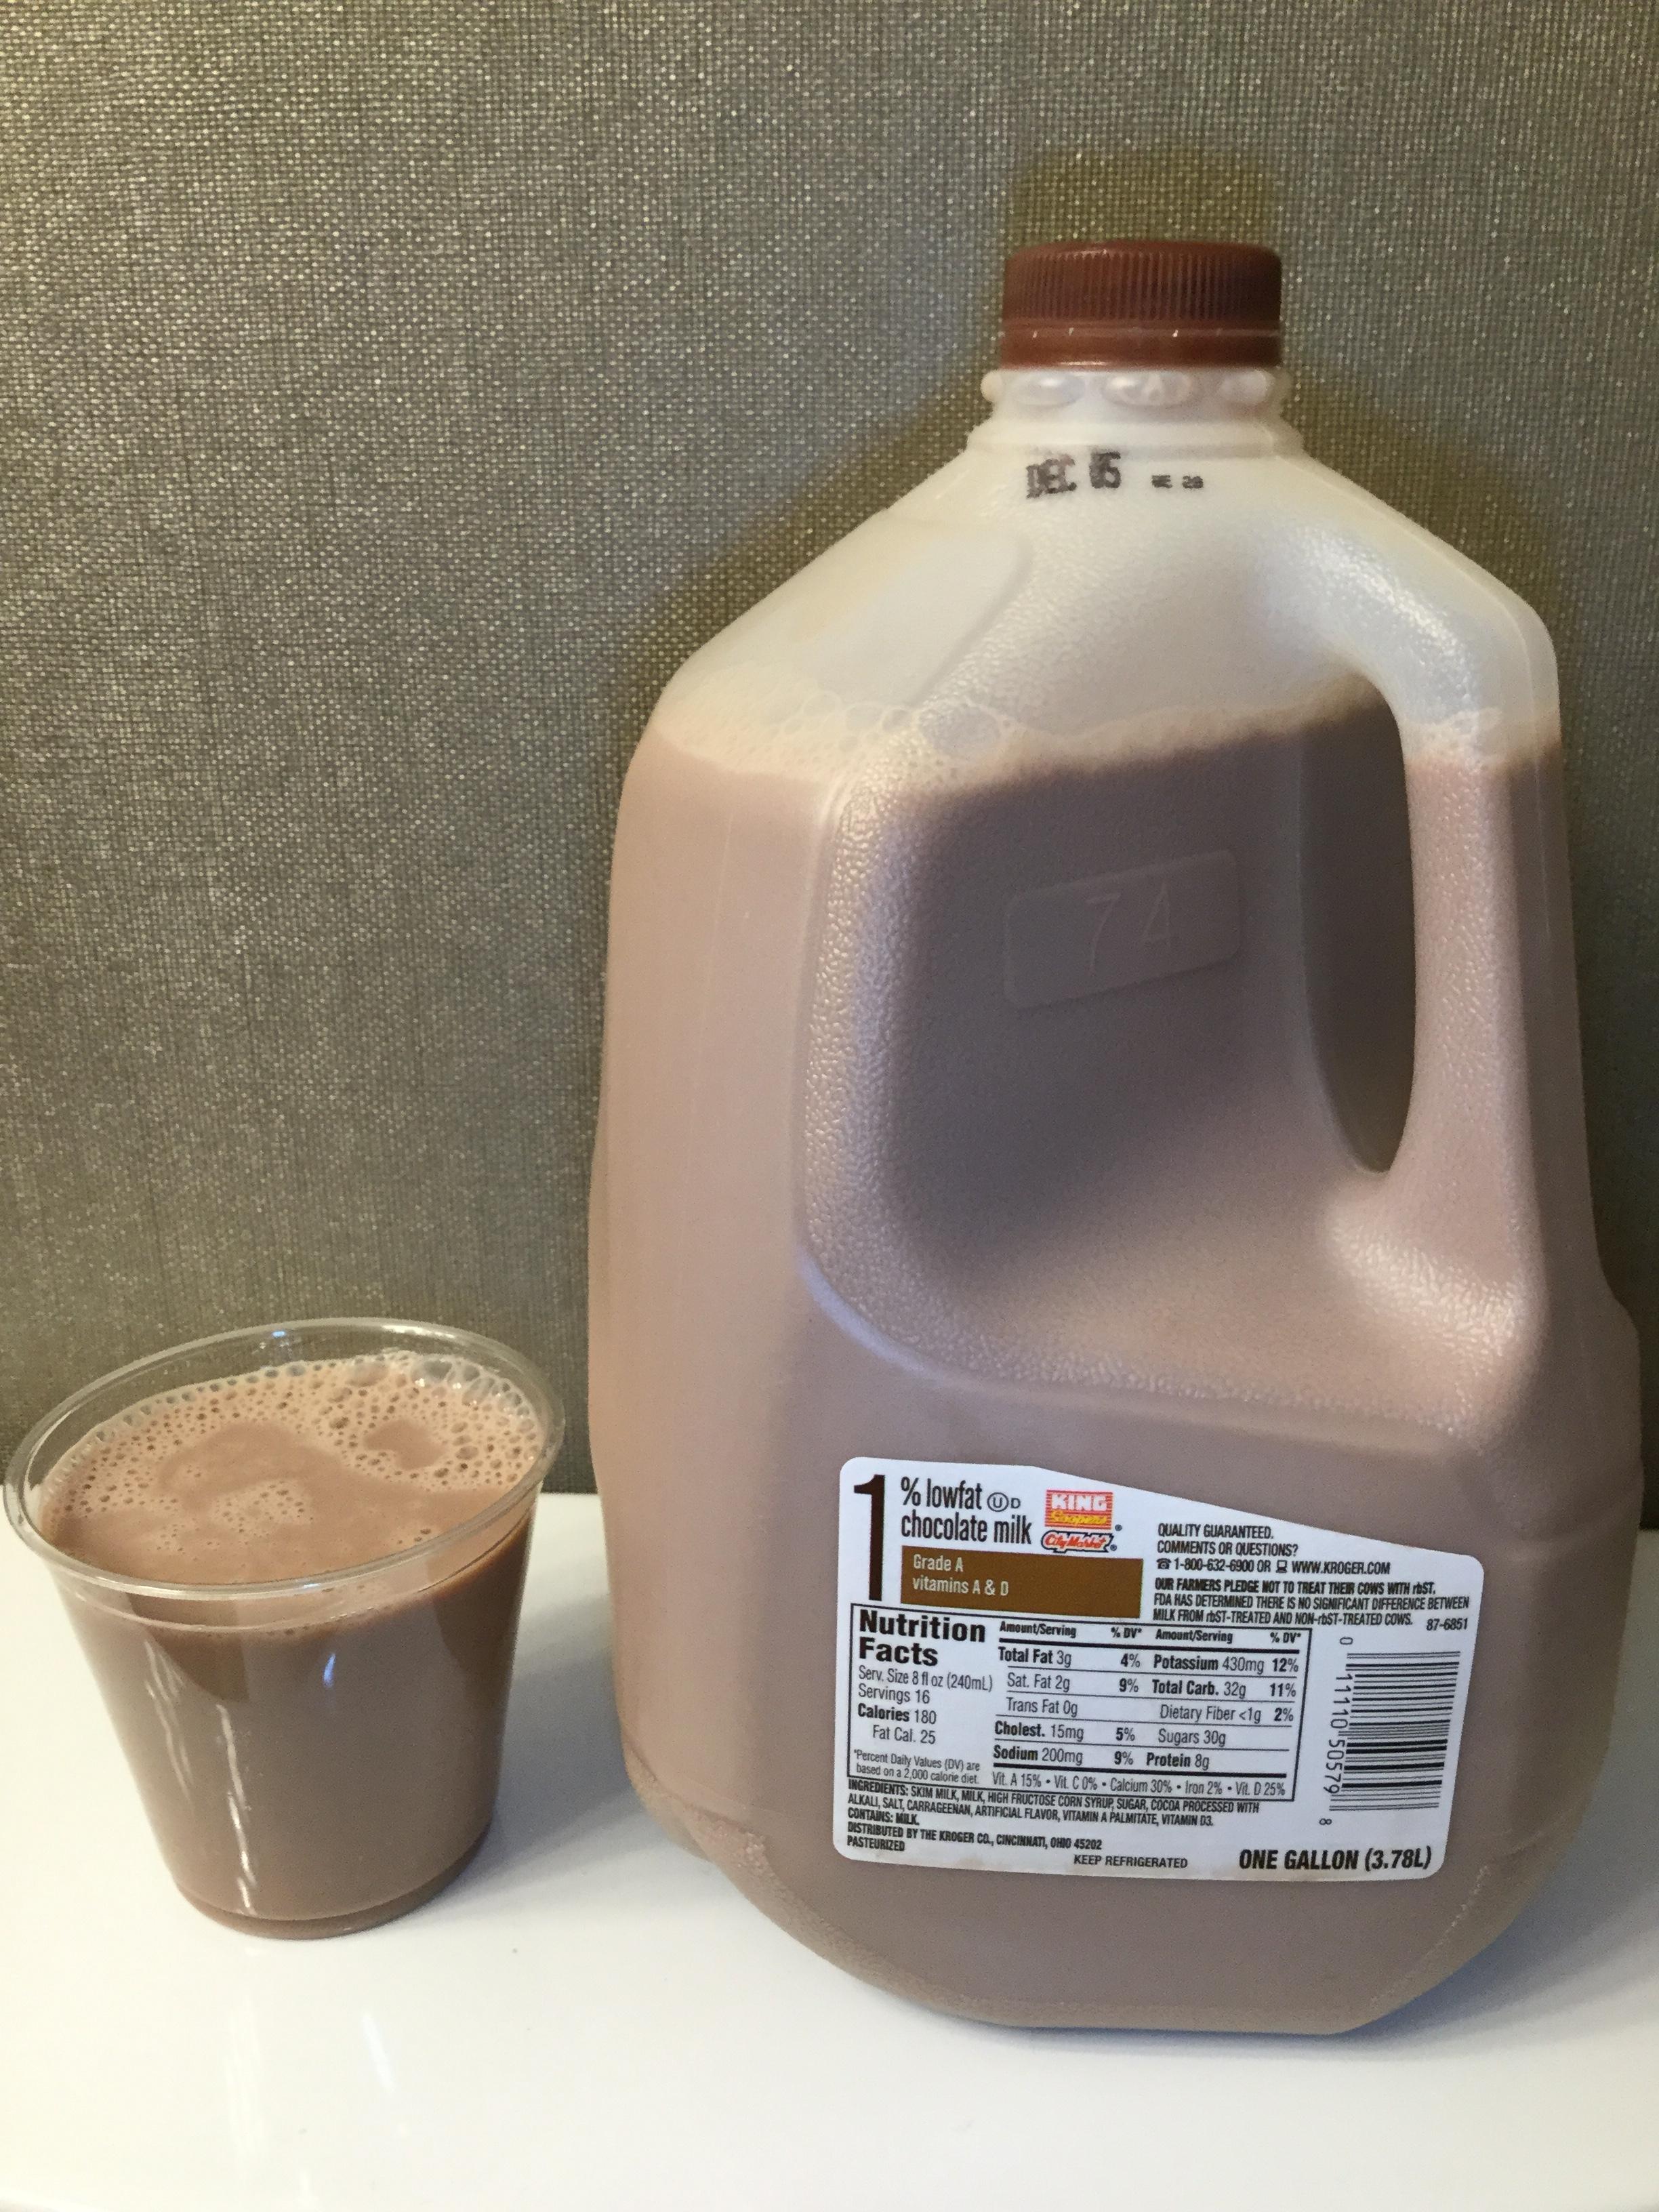 King Soopers Lowfat Chocolate Milk Cup